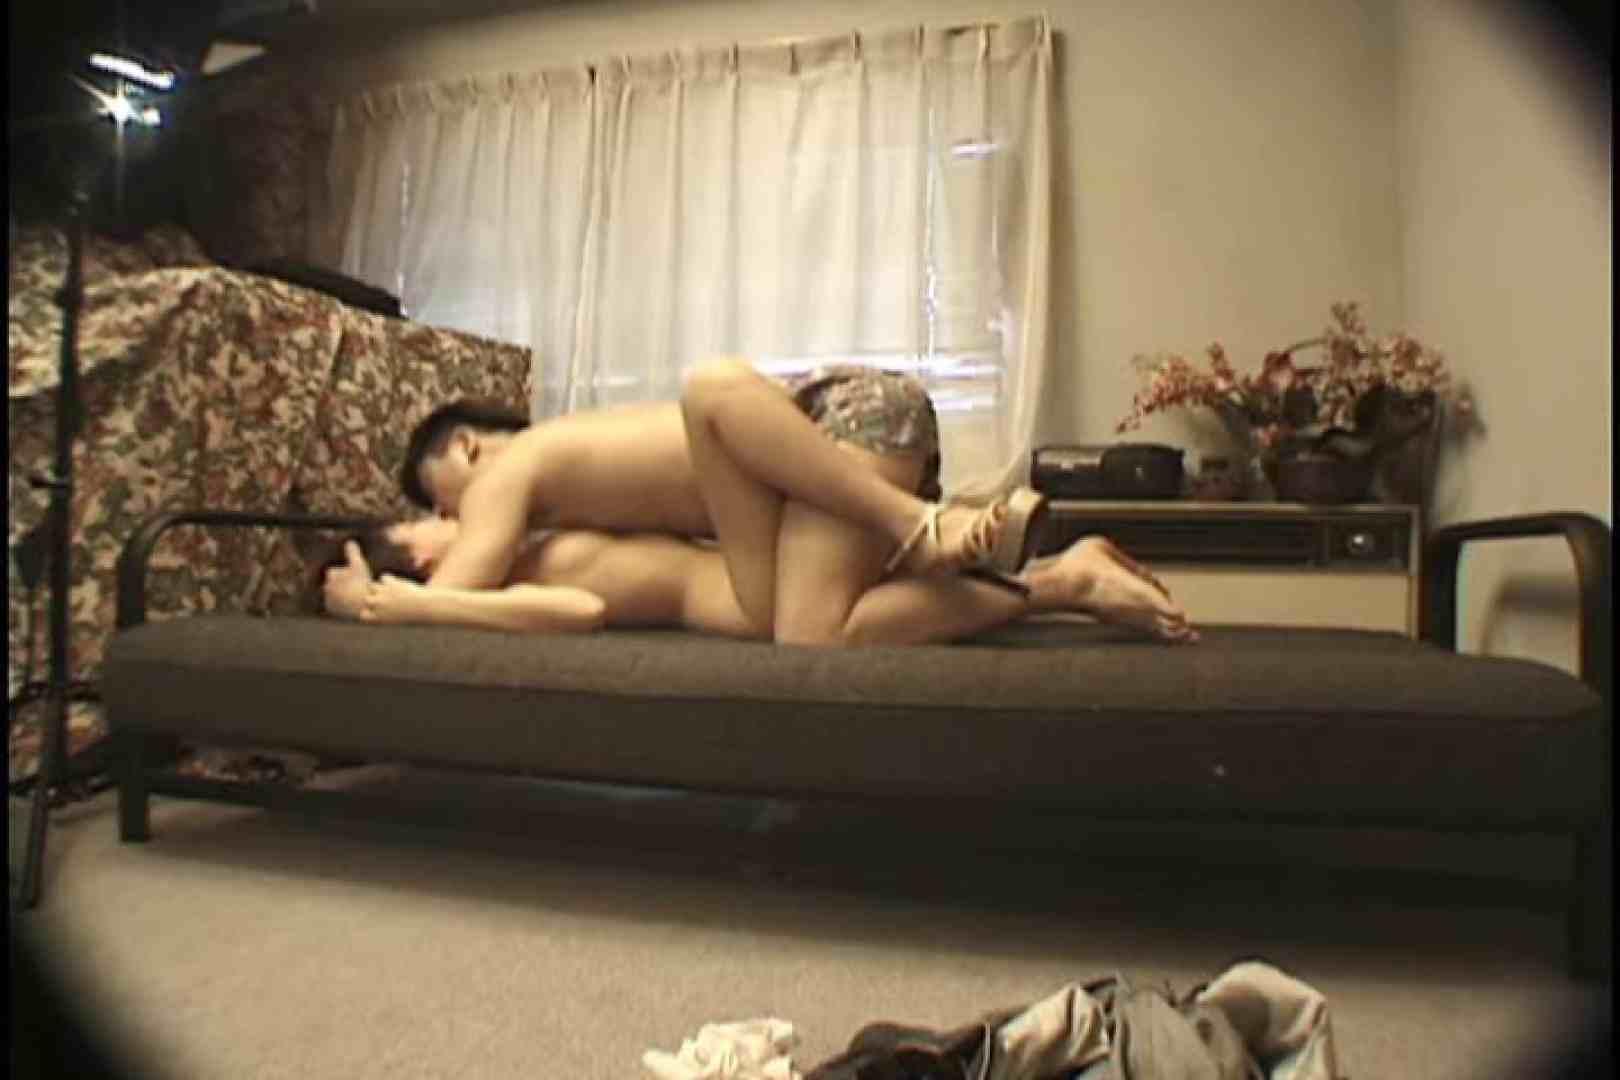 素人嬢126人のハメ撮り 竹之内歩美 モデル セックス画像 57pic 47